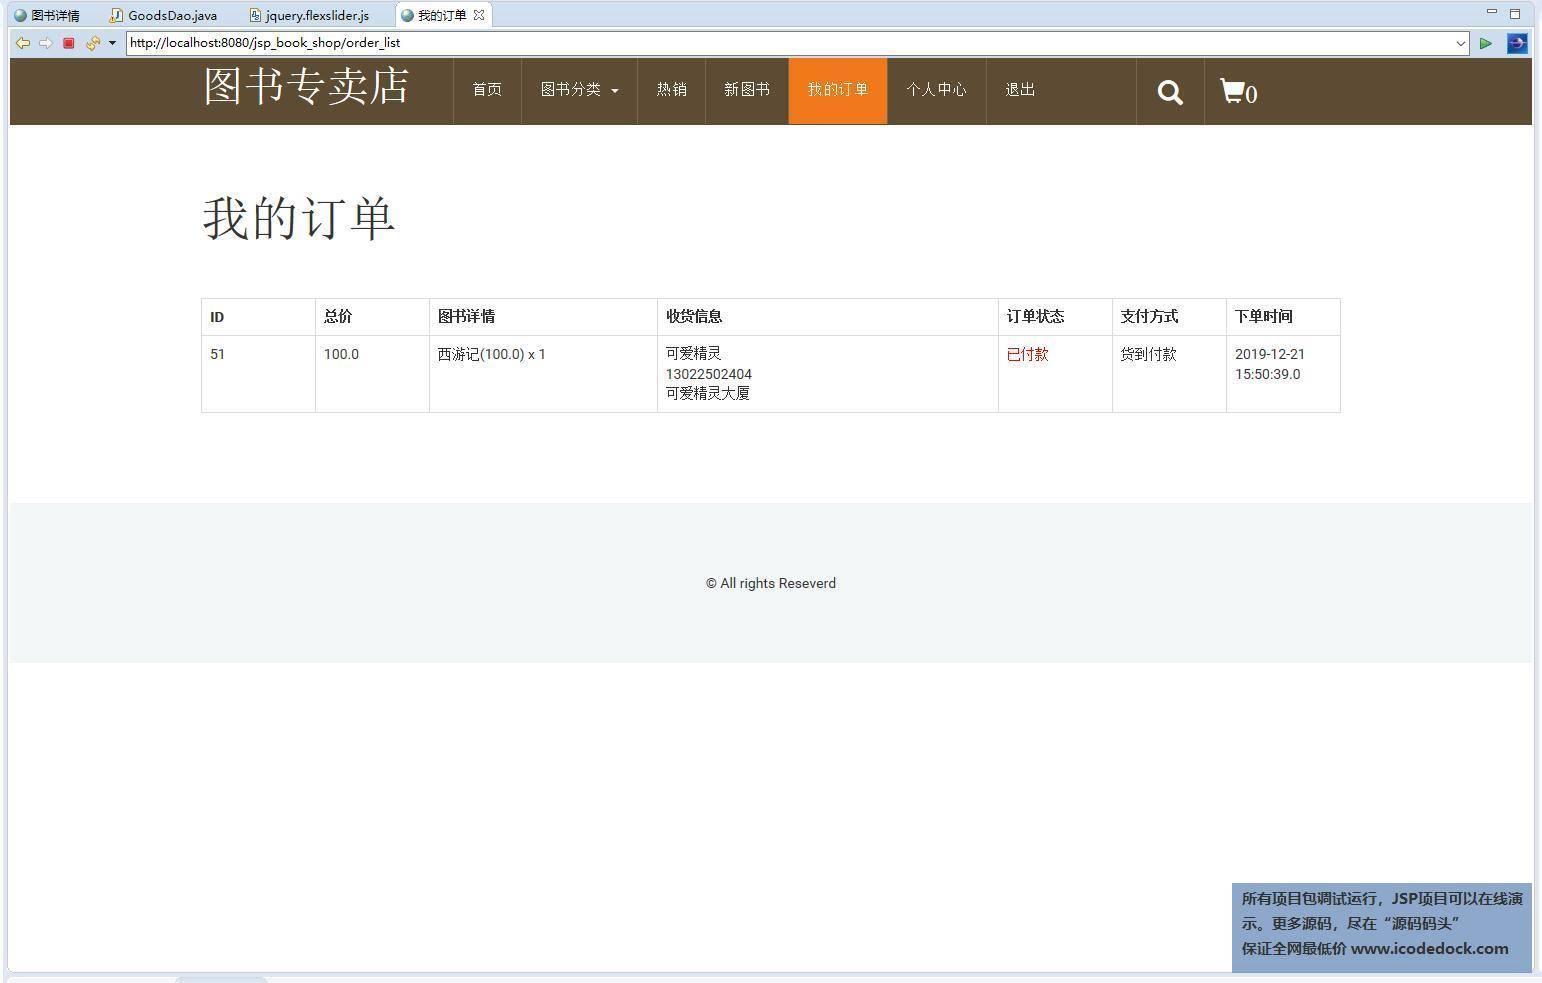 源码码头-JSP图书商城项目管理系统-用户角色-查看订单